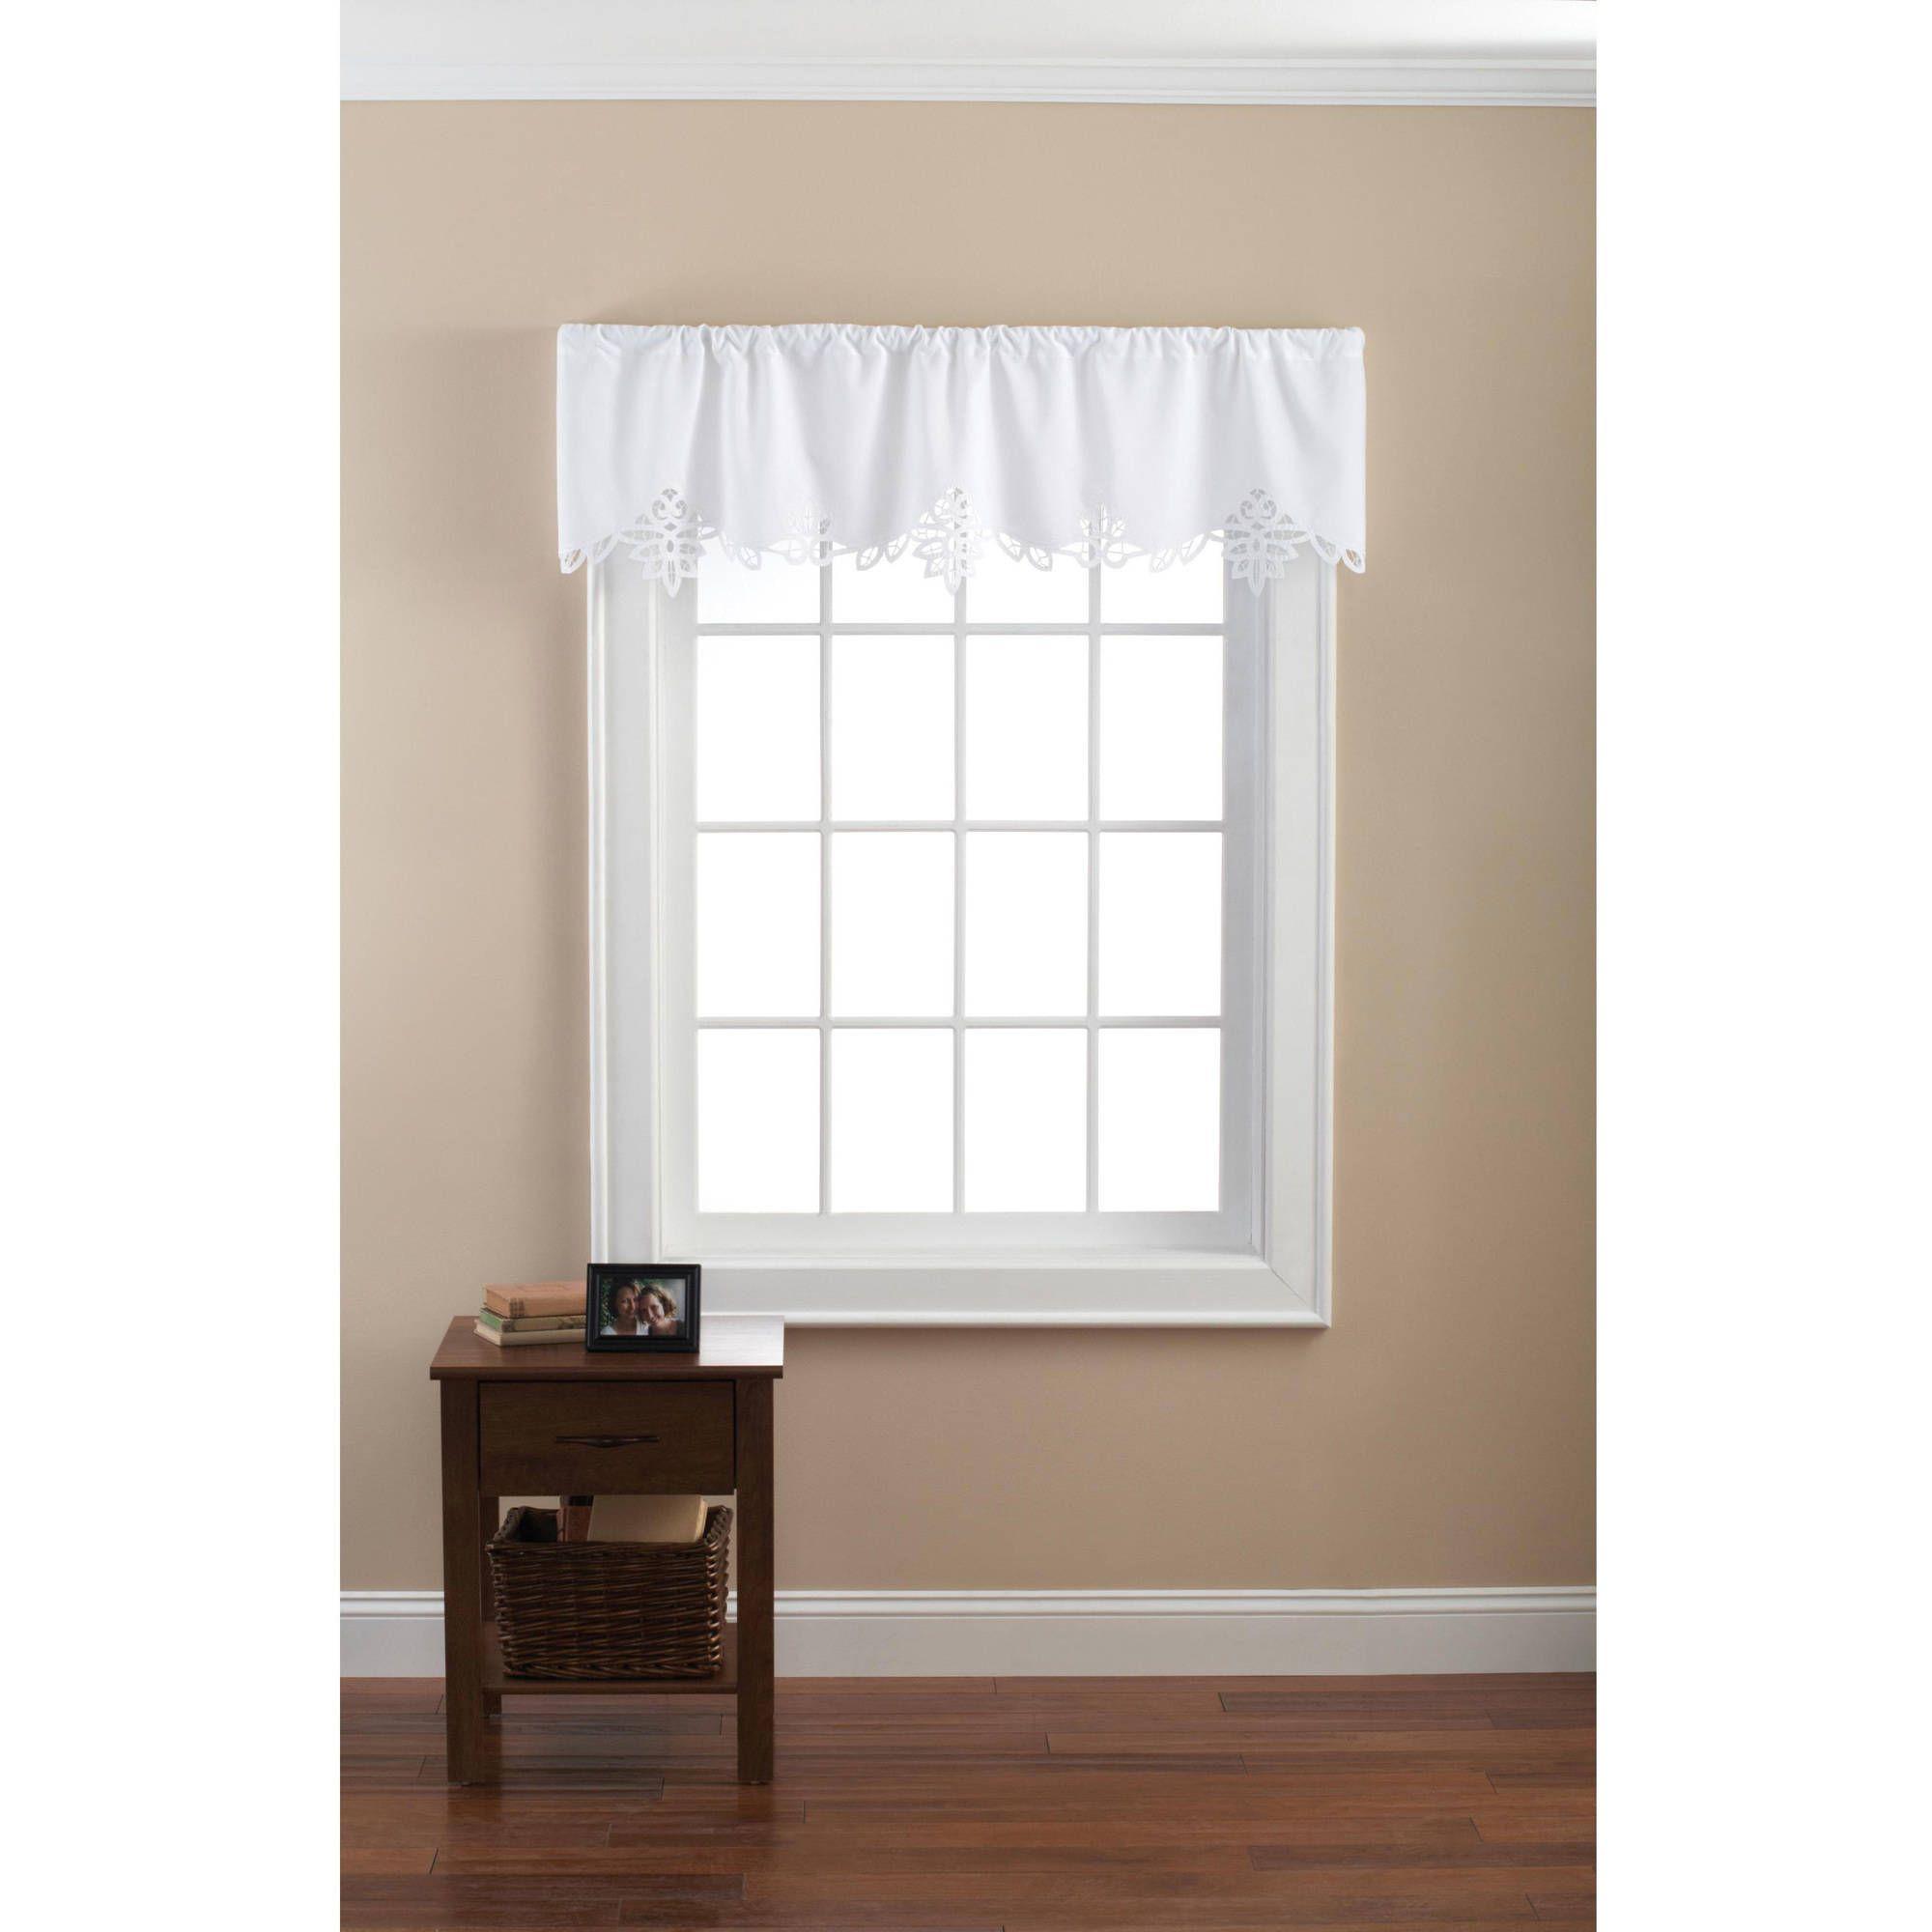 Mainstays Battenburg White Lace Curtain Valance Walmart Com In 2020 White Lace Curtains White Valance Lace Curtains